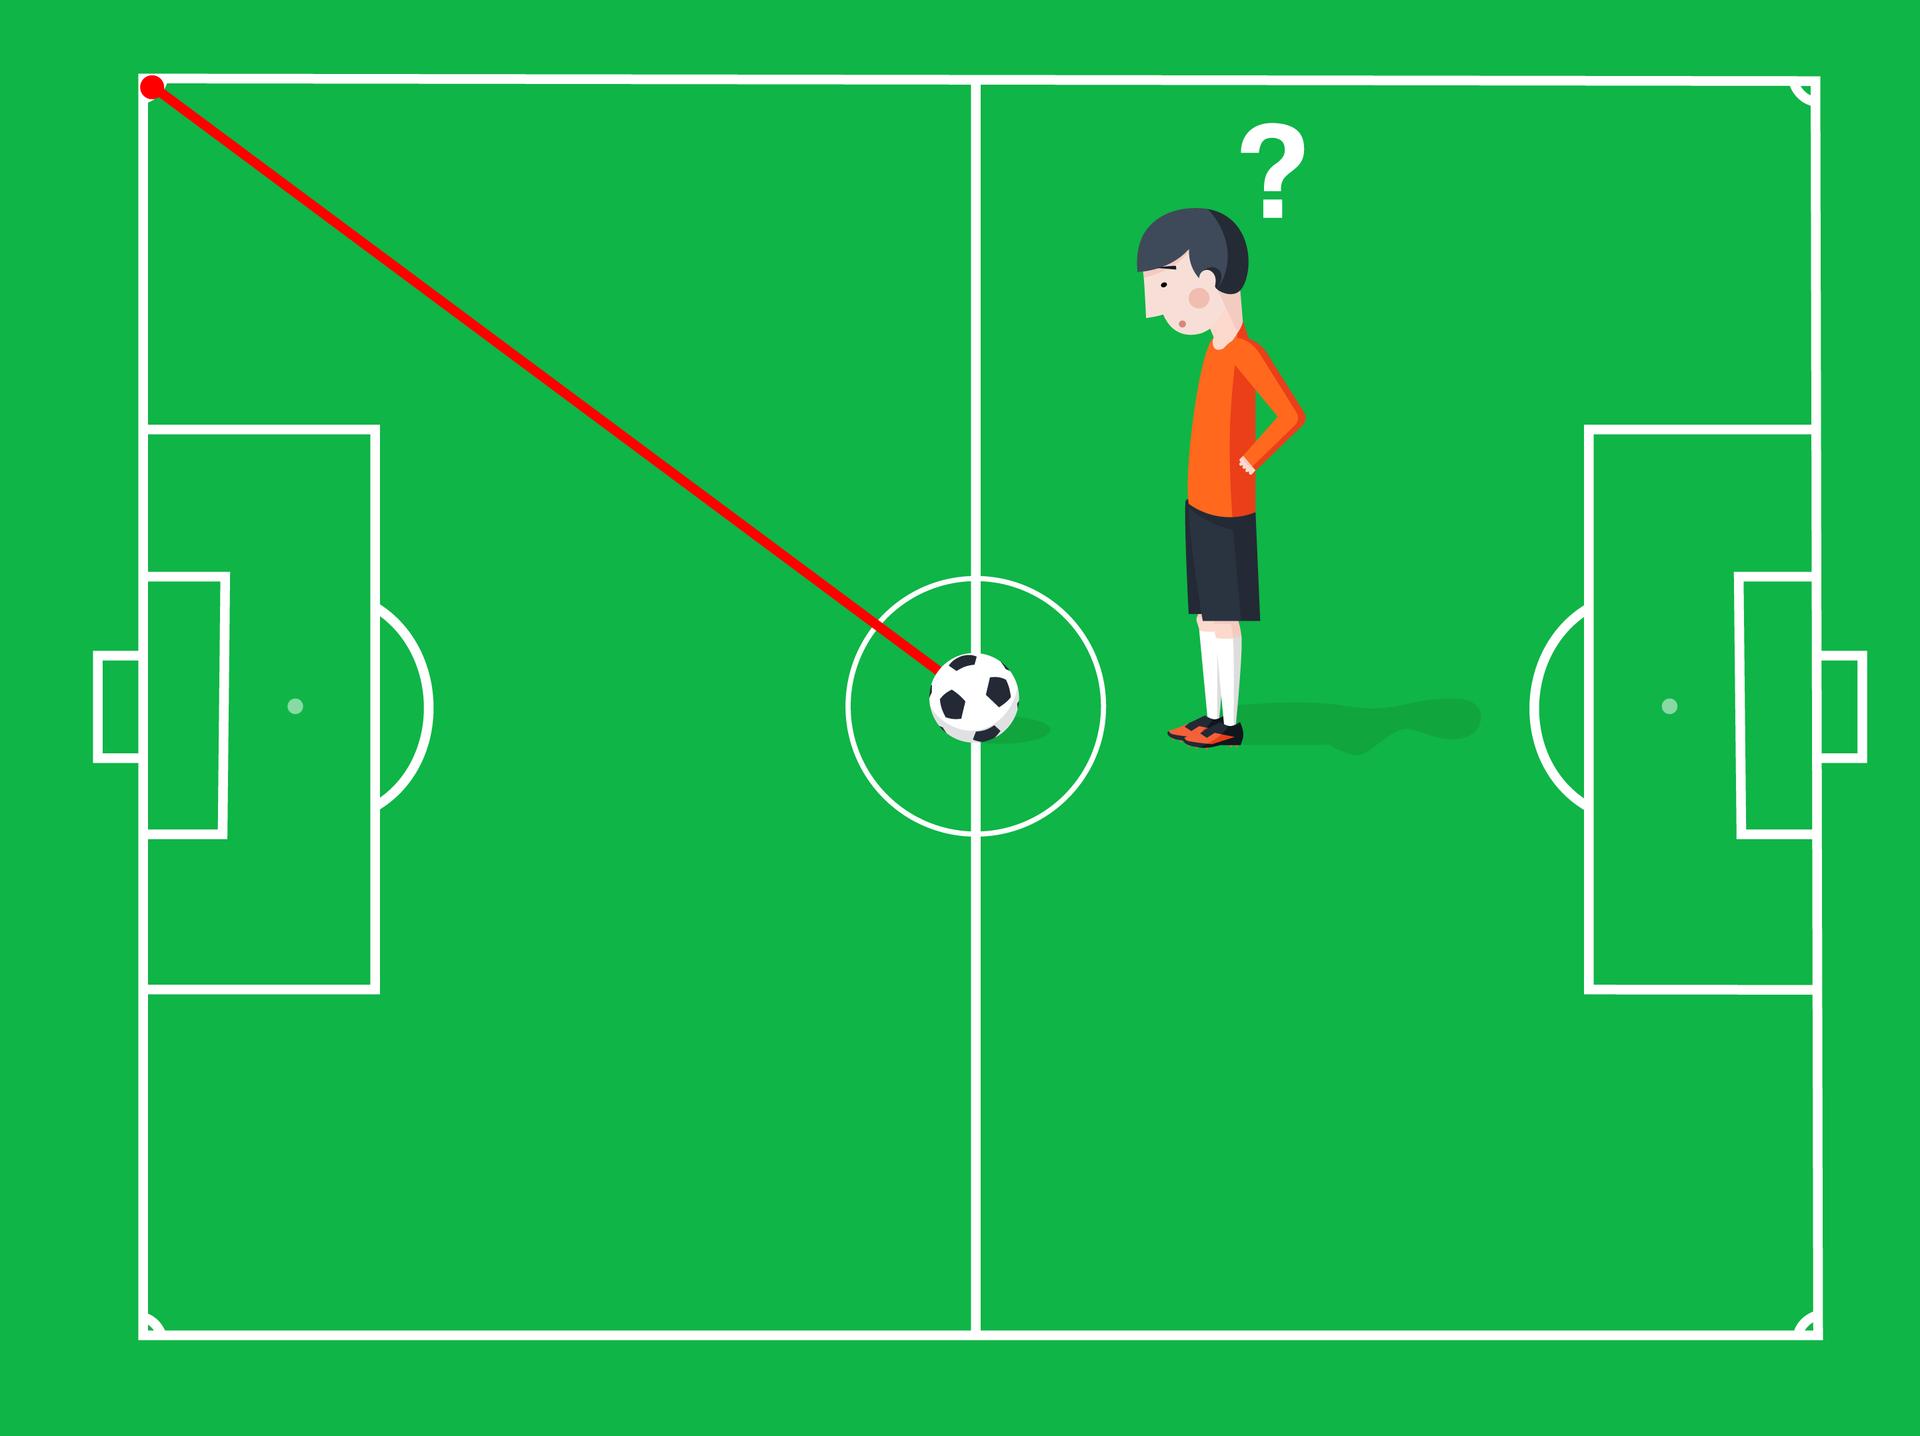 Ilustracja przedstawia boisko piłkarskie. Rzut zgóry. Boisko zielone zzaznaczonymi białymi liniami bocznymi ibramkowymi. Po środku, wpunkcie środkowym boiska, narysowano piłkę do gry wpiłkę nożną. Obok piłki stoi chłopiec. Czerwona koszulka zdługim rękawem, czarne spodenki, czerwono-czarne buty. Włosy czarne. Przy głowie chłopca narysowano biały znak zapytania. Od leżącej koło niego piłki, do lewego górnego narożnika poprowadzona została czerwona linia.